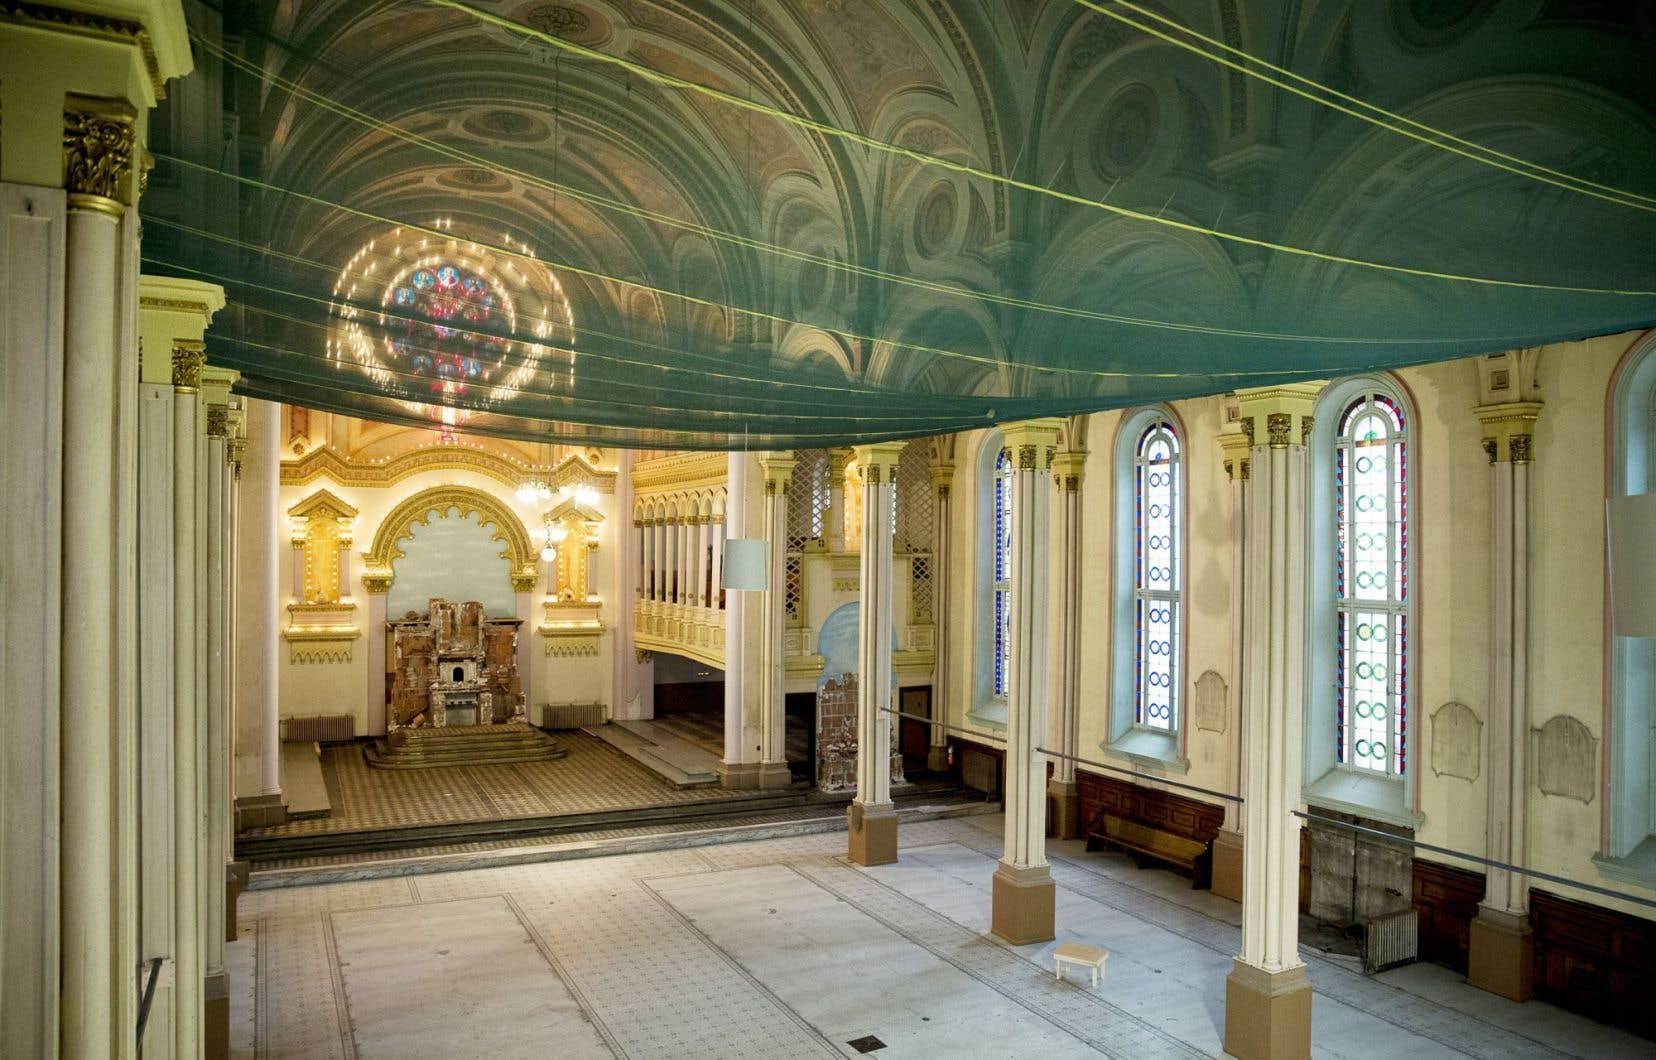 L'église où doit prendre place le projet du Cube nécessite d'importantes réparations.